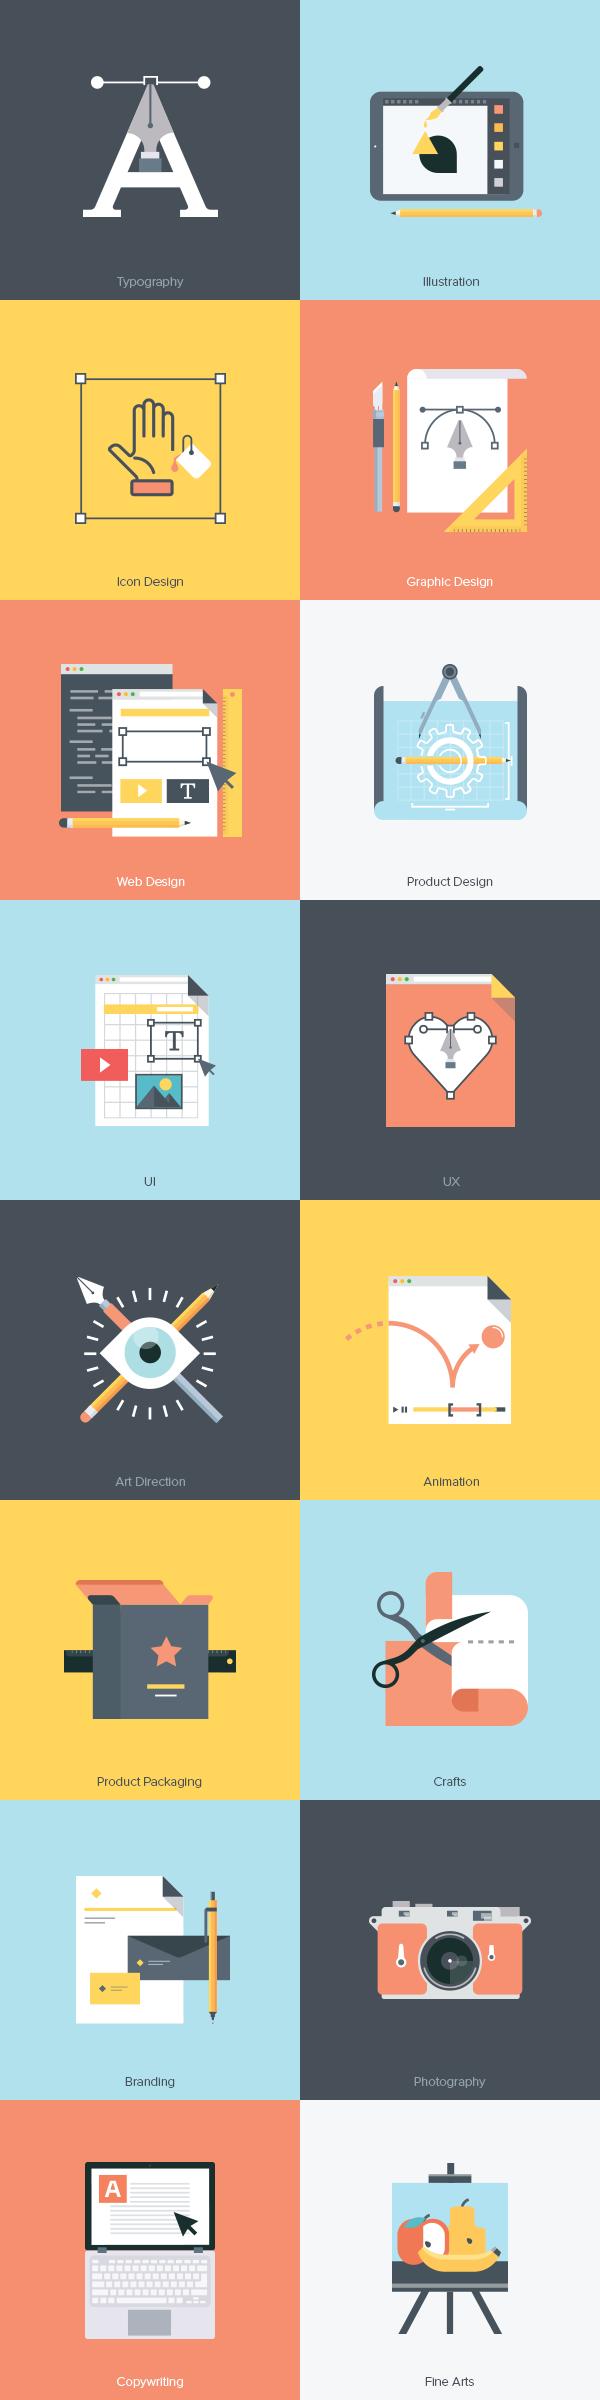 30+ nouvelles ressources gratuites pour vos designs (PSD, .AI, UI Kits, Mock-ups, photos, typos, etc...)